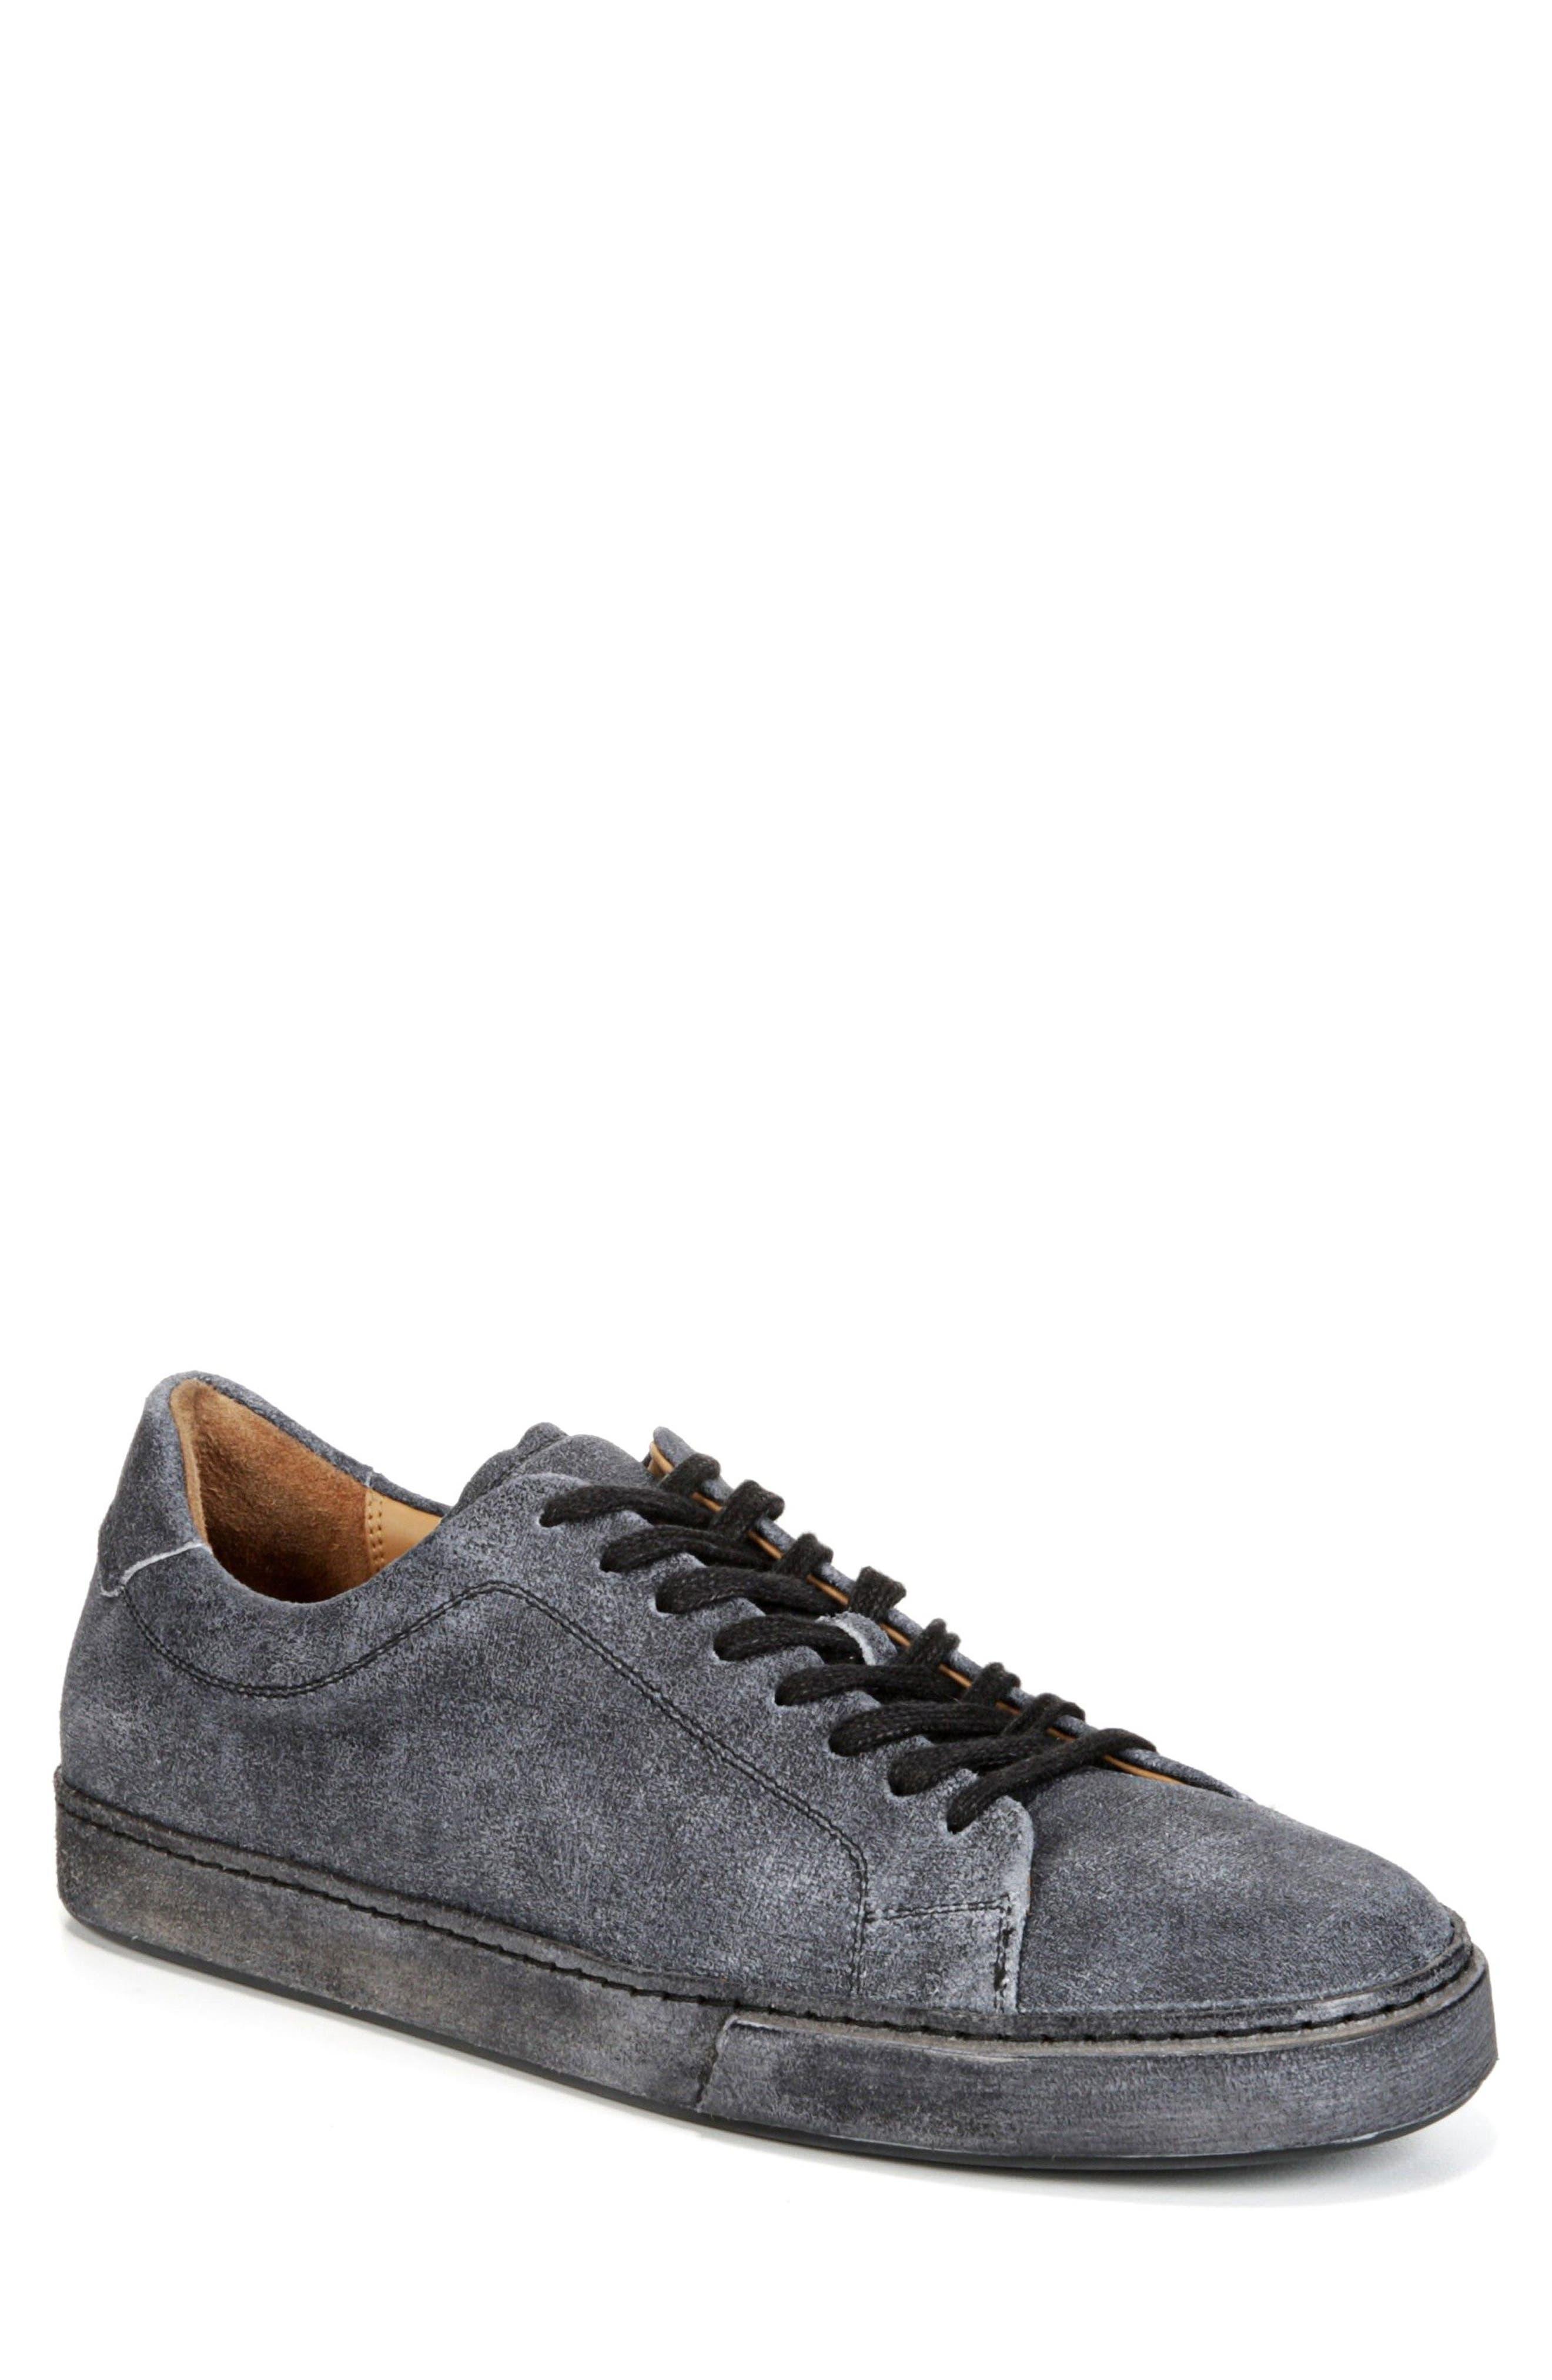 Nobel Sneaker,                             Main thumbnail 1, color,                             002